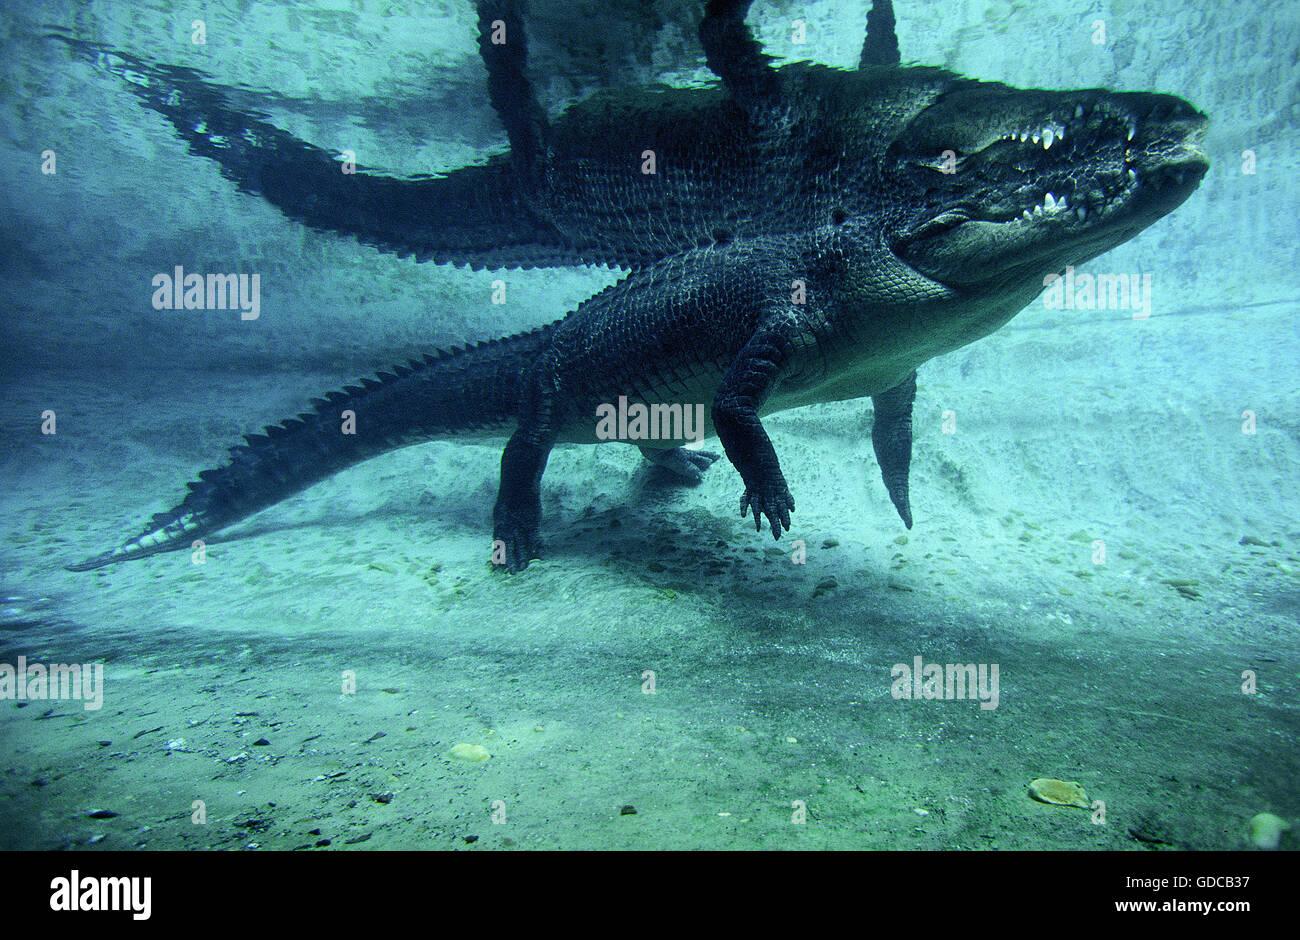 Australian Saltwater Crocodile or Estuarine Crocodile, crocodylus porosus, Adult in Water, Australia - Stock Image